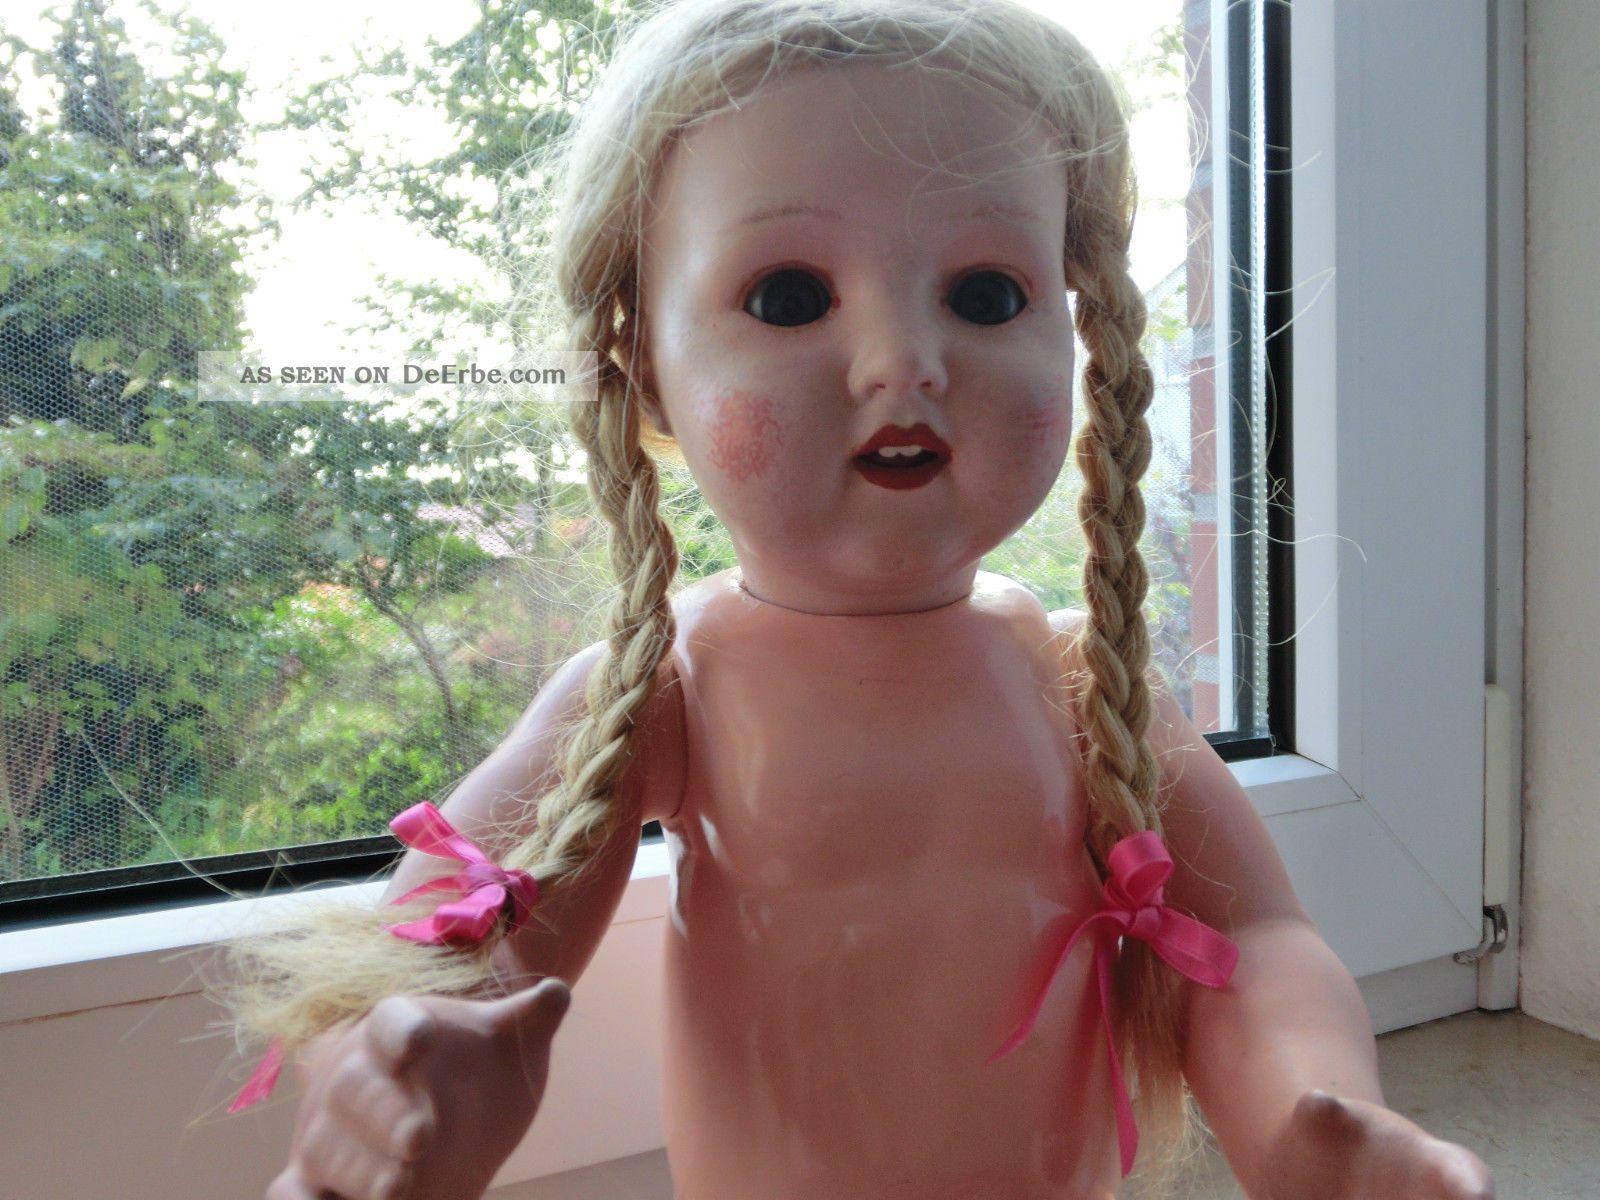 Antike Armand Marseille Puppe Porzellankopfpuppen Bild